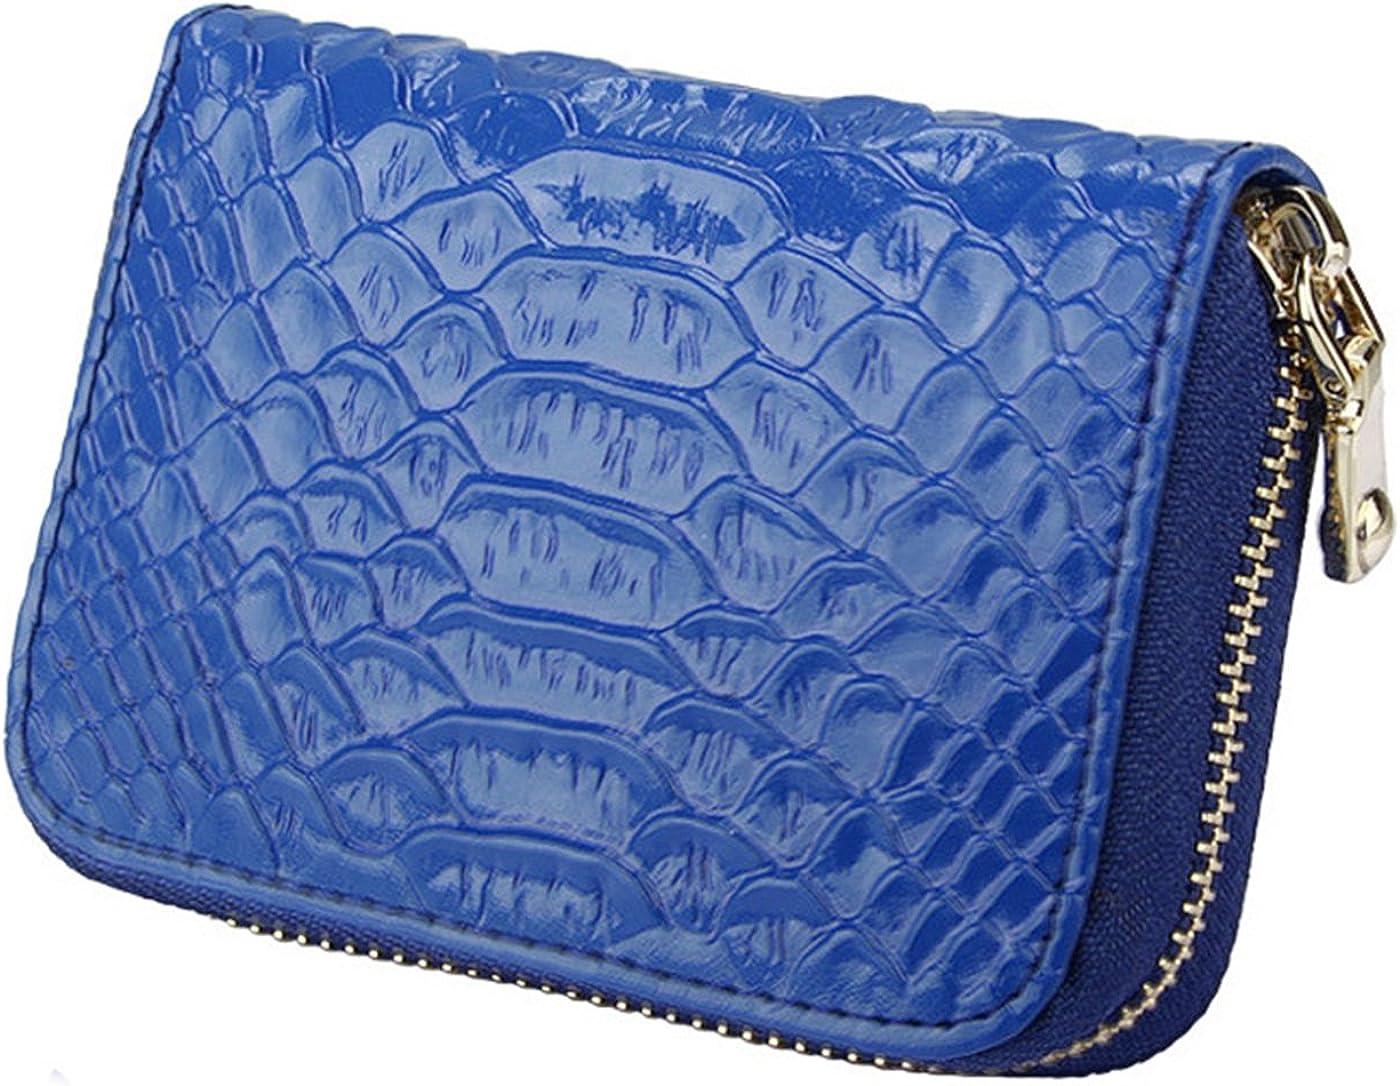 iSuperb Card Wallet RFID Blocking Zipper Genuine Leather Wallet Credit Case Change Bag Cash Wallet for Women Travel